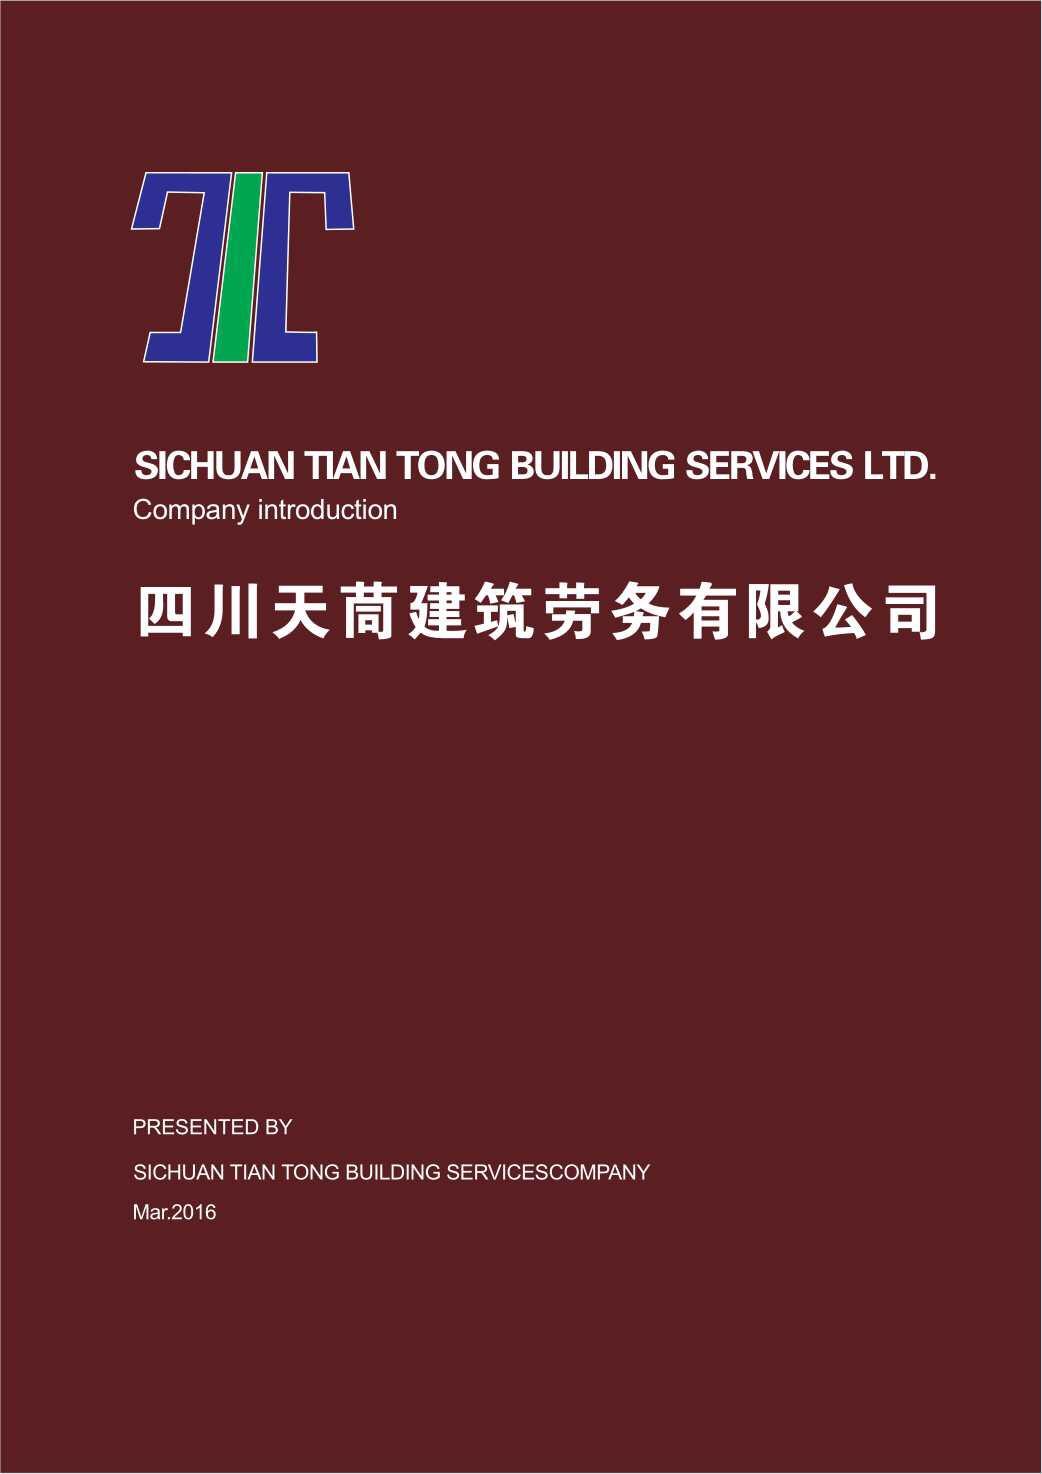 四川天茼建筑勞務有限公司